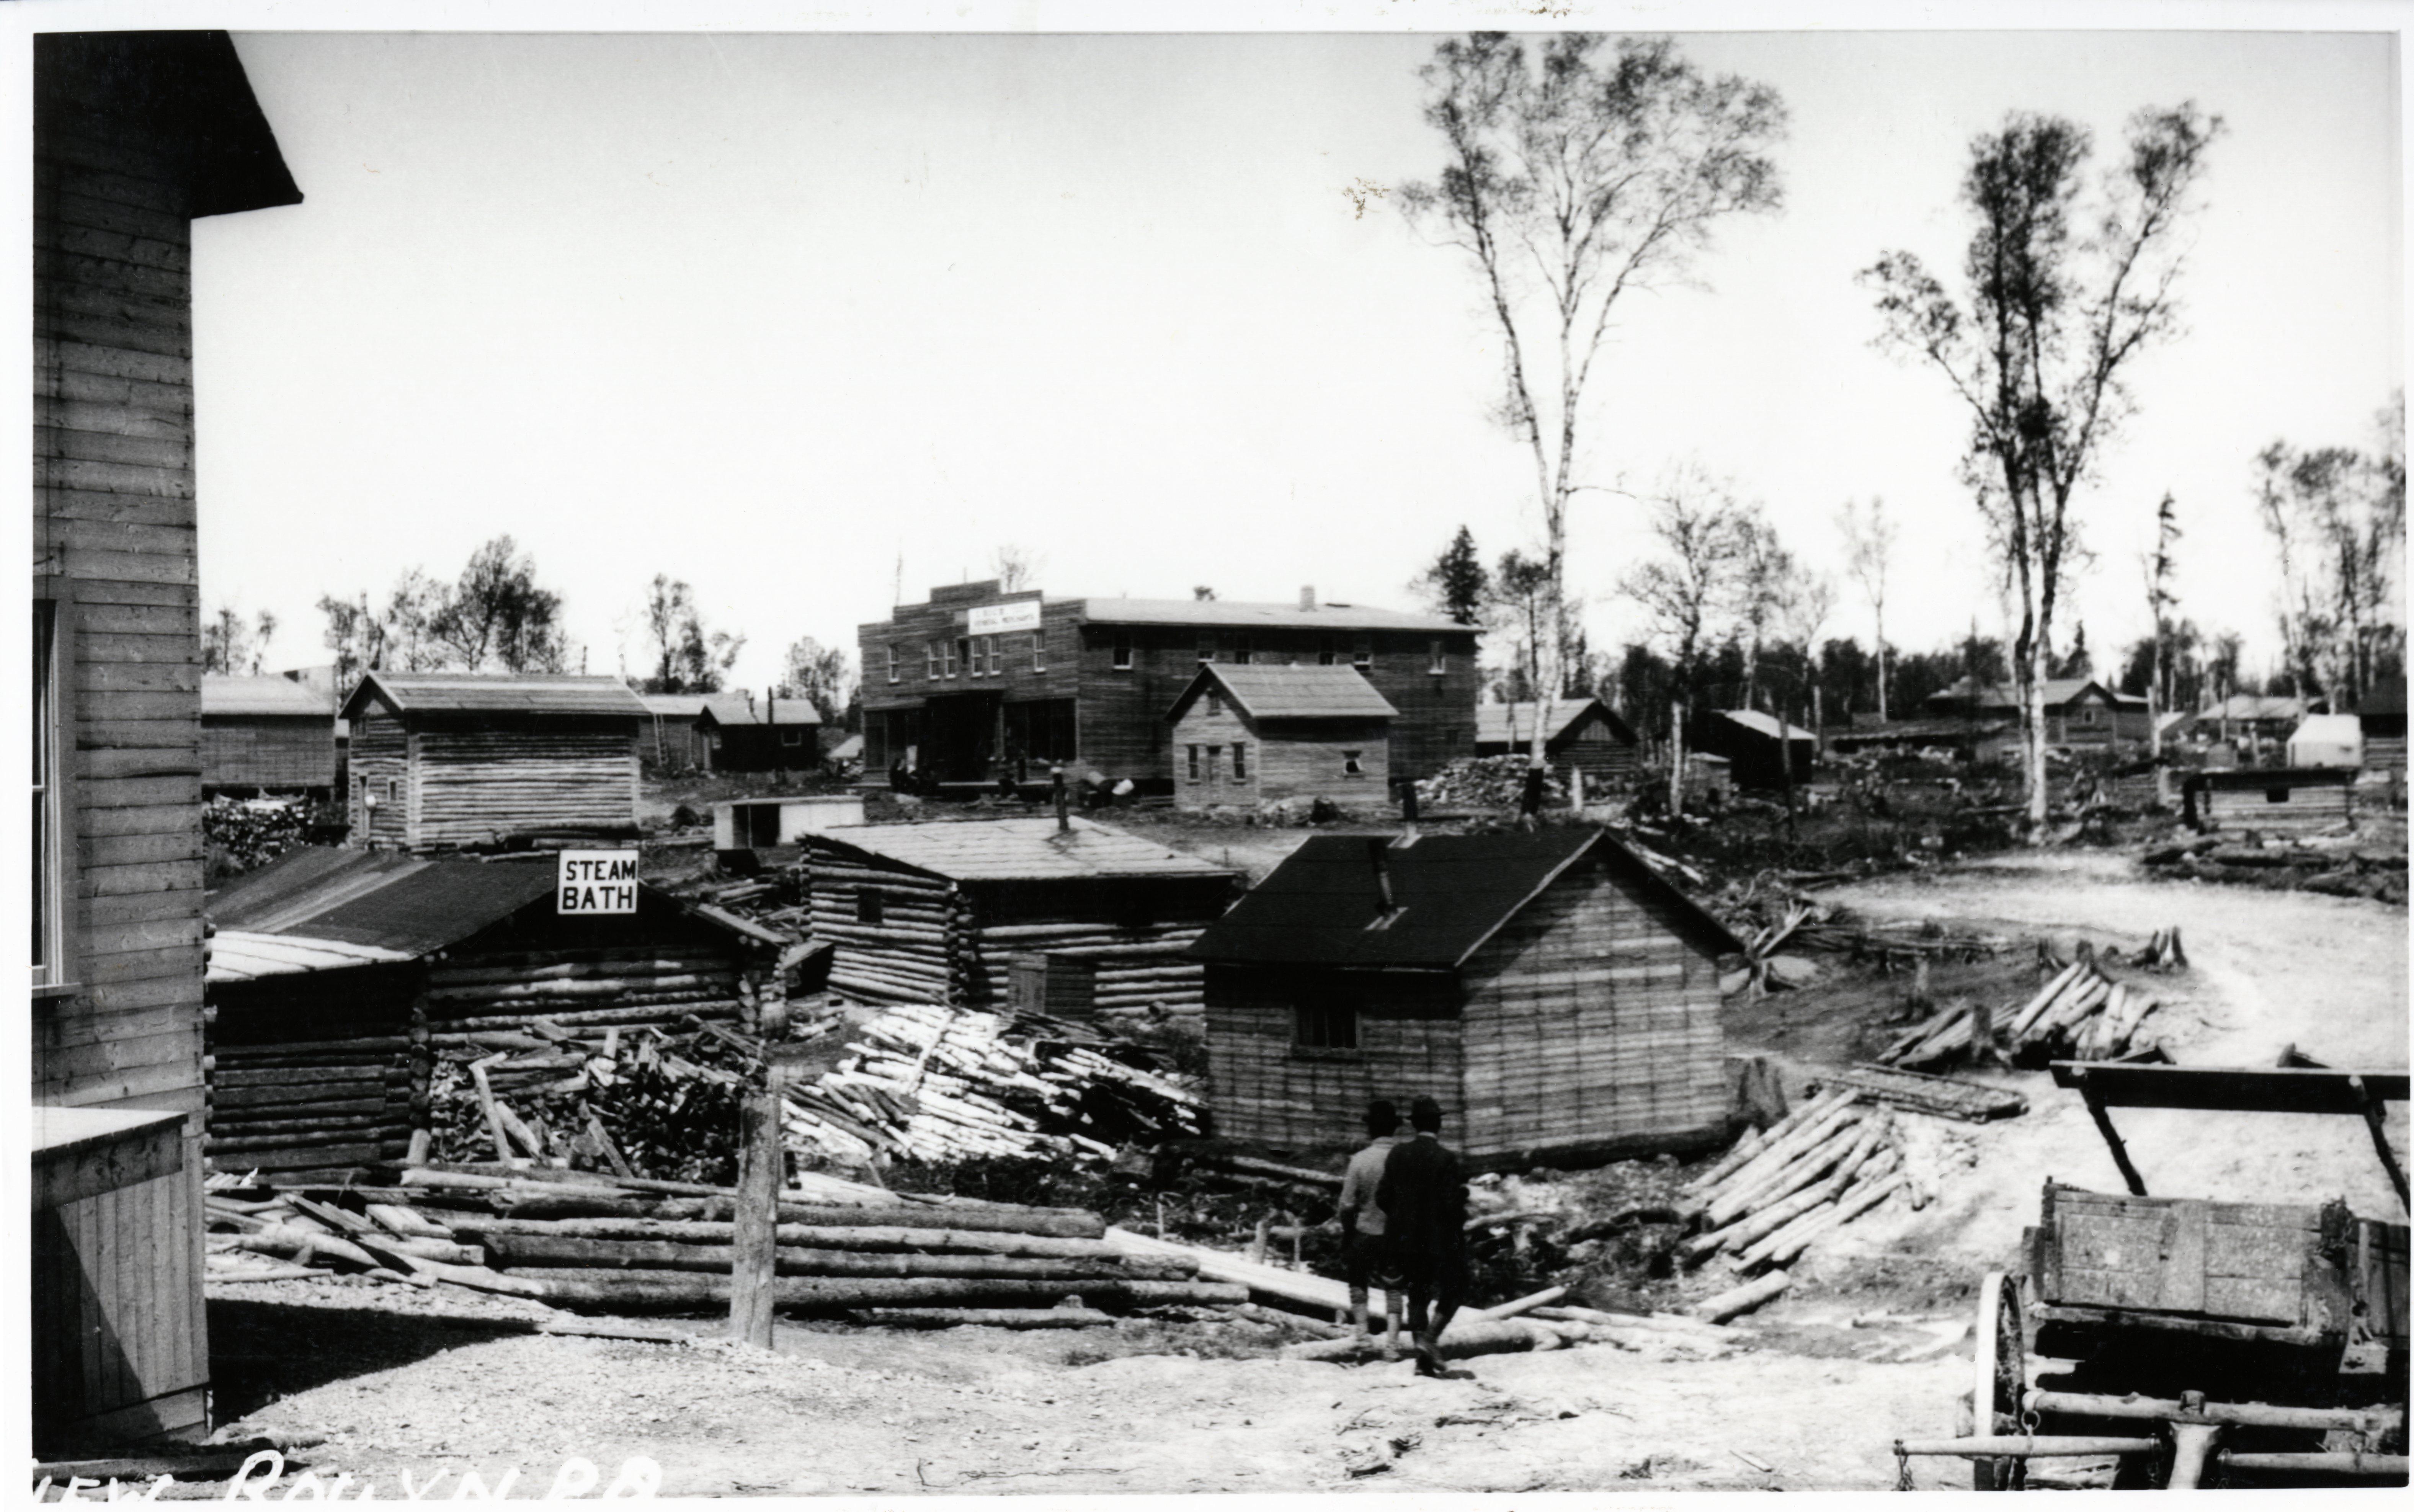 Photographie noir et blanc de plusieurs bâtiments rudimentaires, en bois rond ou en planches, dont un bain à vapeur, qui est indiqué par une affiche steam bath.